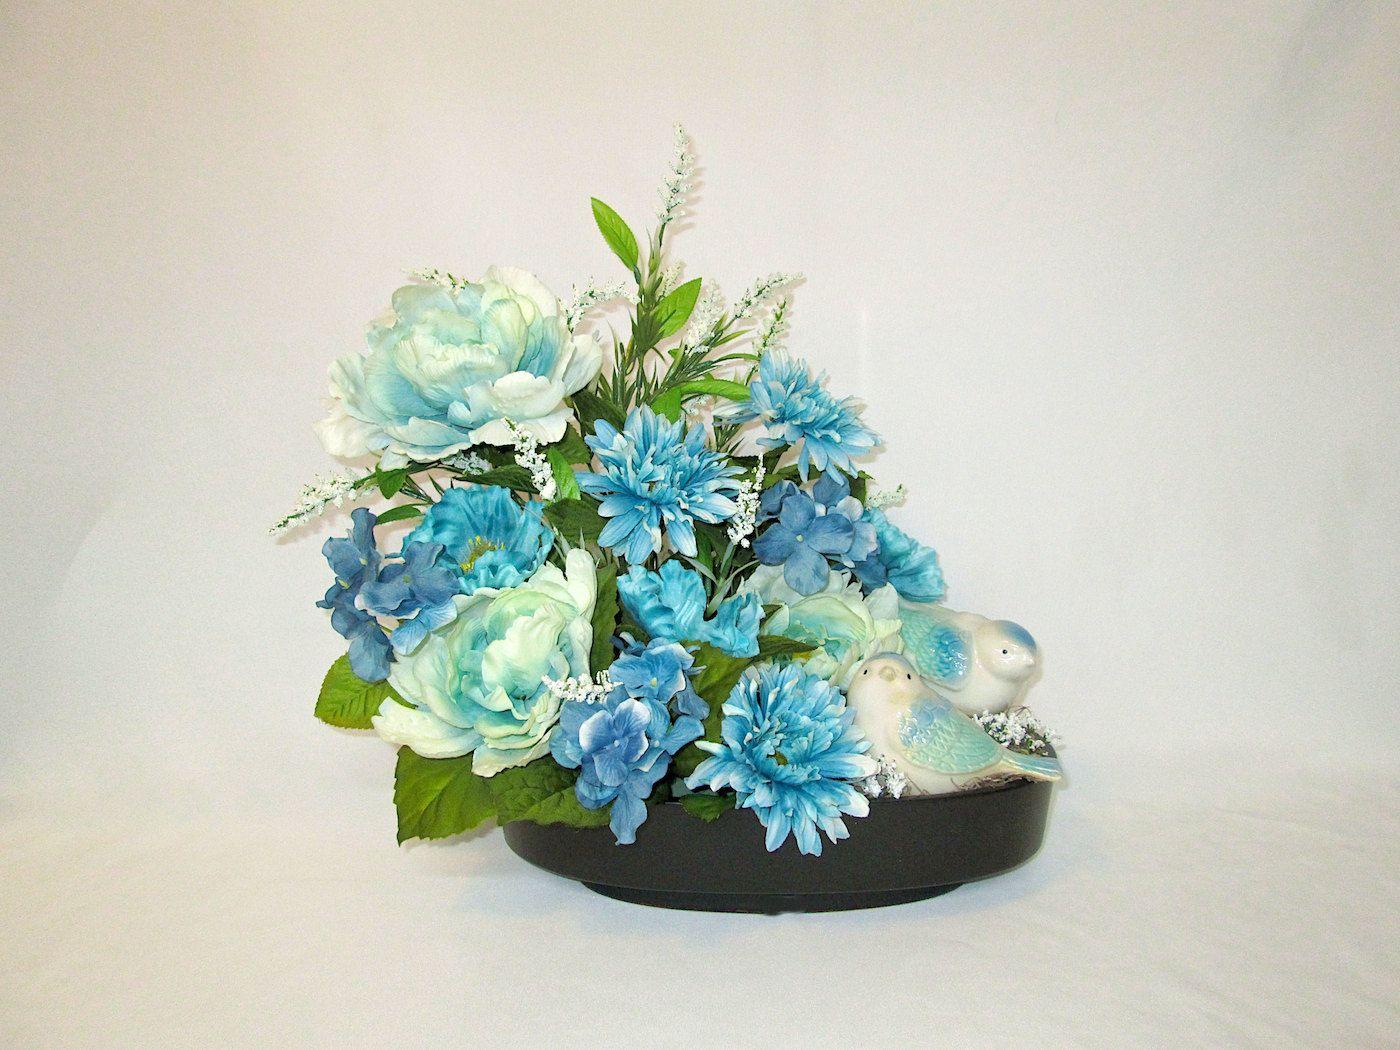 Silk flower arrangement in a ceramic dish with blue and mint green silk flower arrangement in a ceramic dish with blue and mint green birds floral arrangement mightylinksfo Images